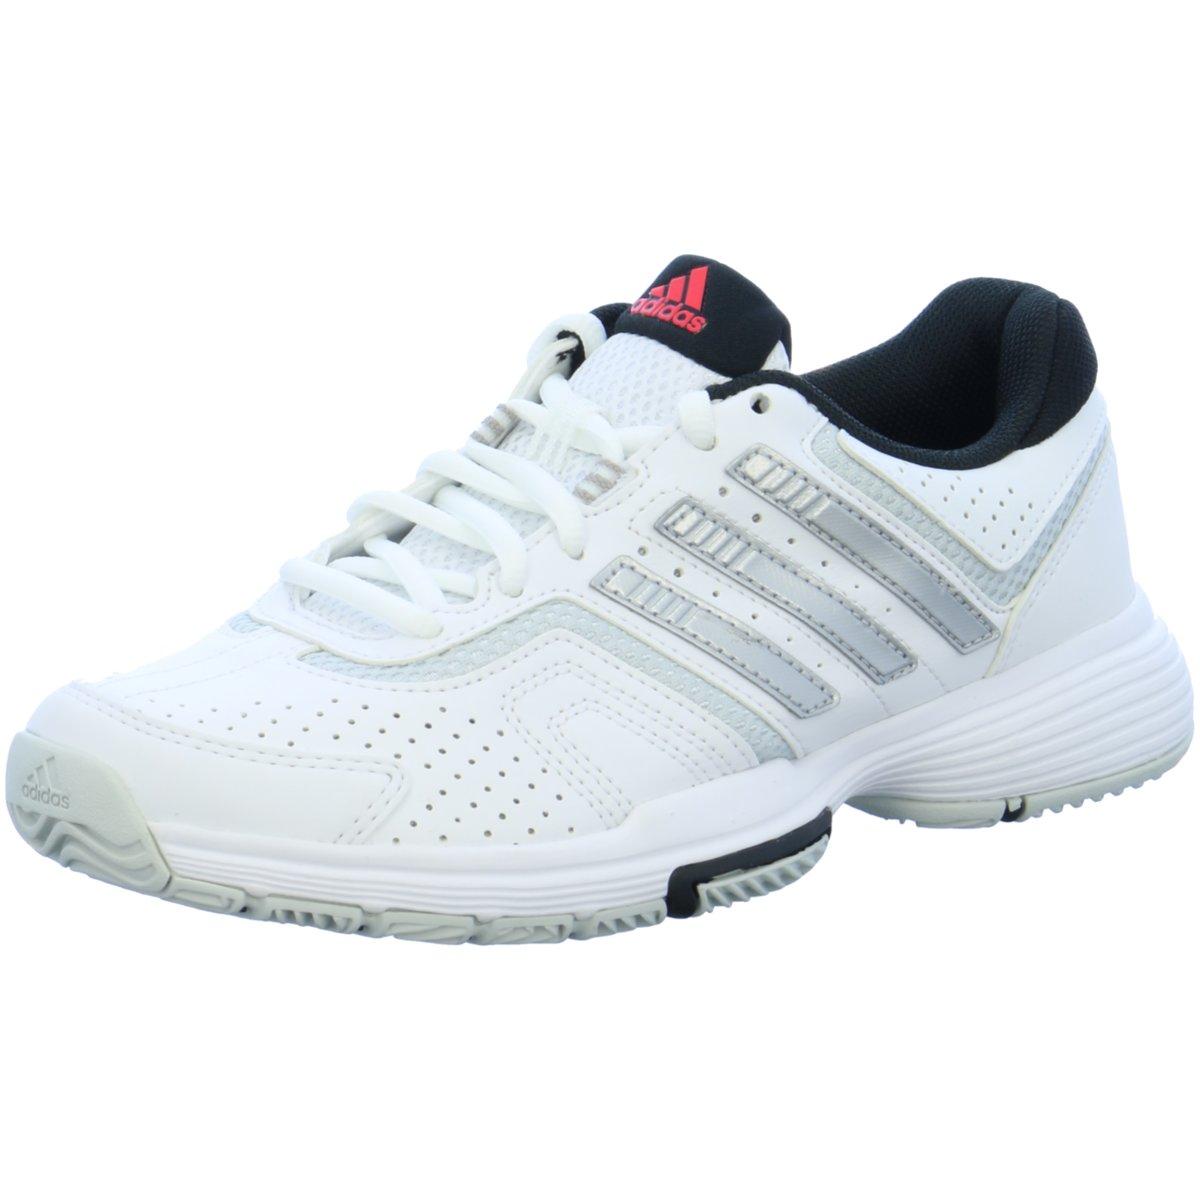 newest b8e3b 01aa7 Das Bild wird geladen adidas-Damen-Sportschuhe-barricade-court-2-w-S74567-